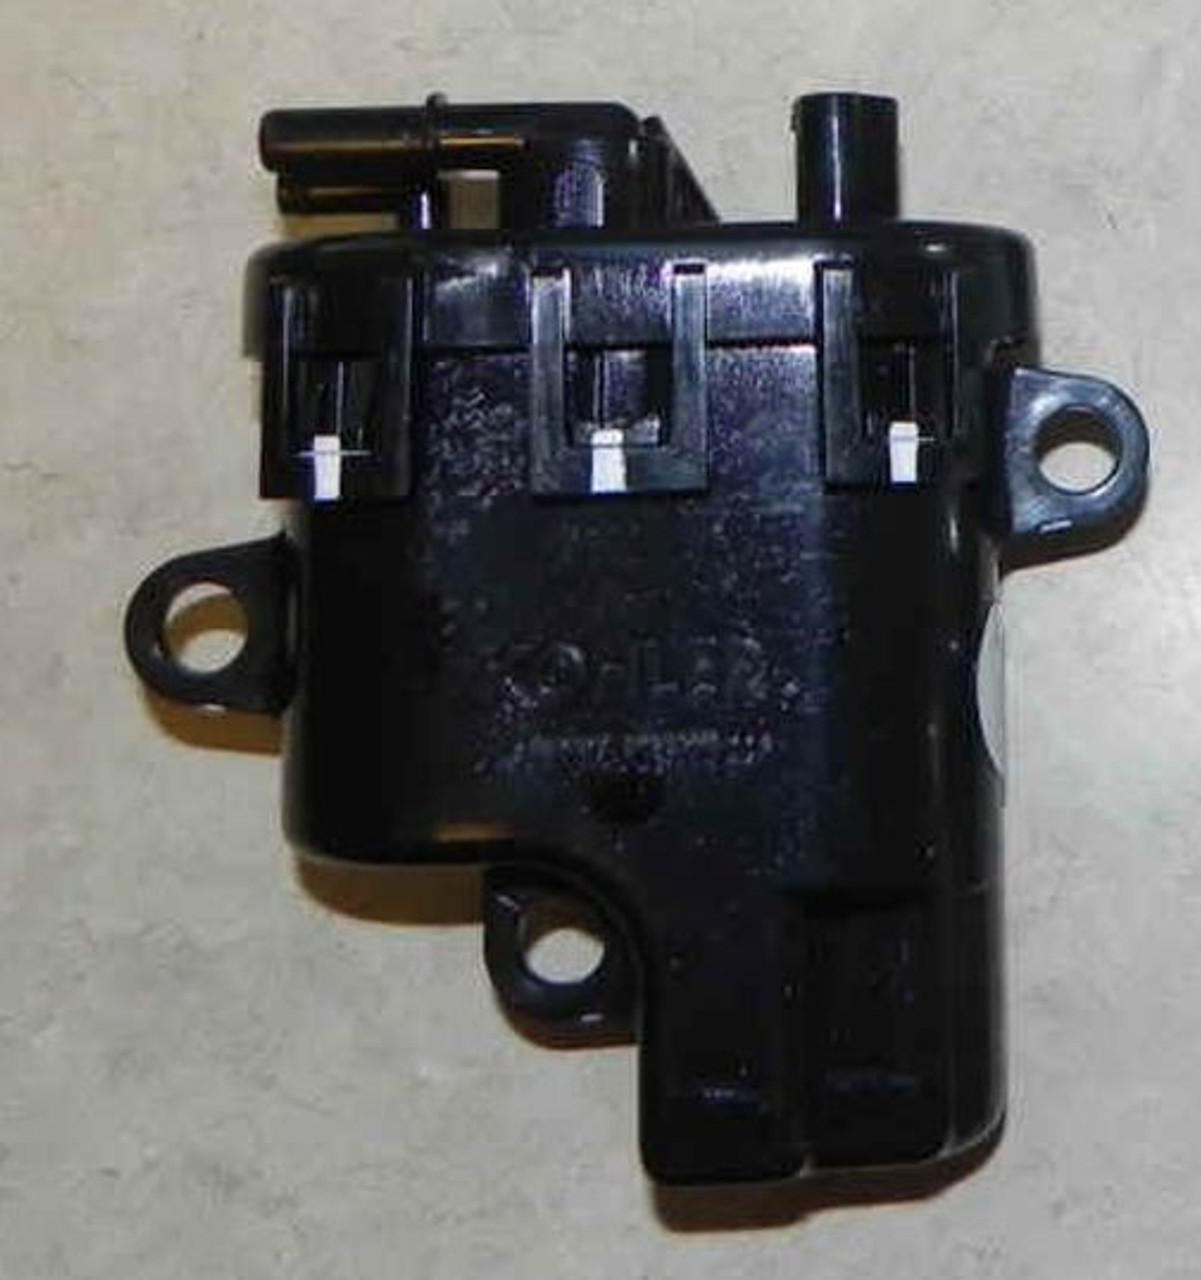 Kohler OEM Fuel Pump Module 2539314 2539316 2539316-S 2575573 2575573-S